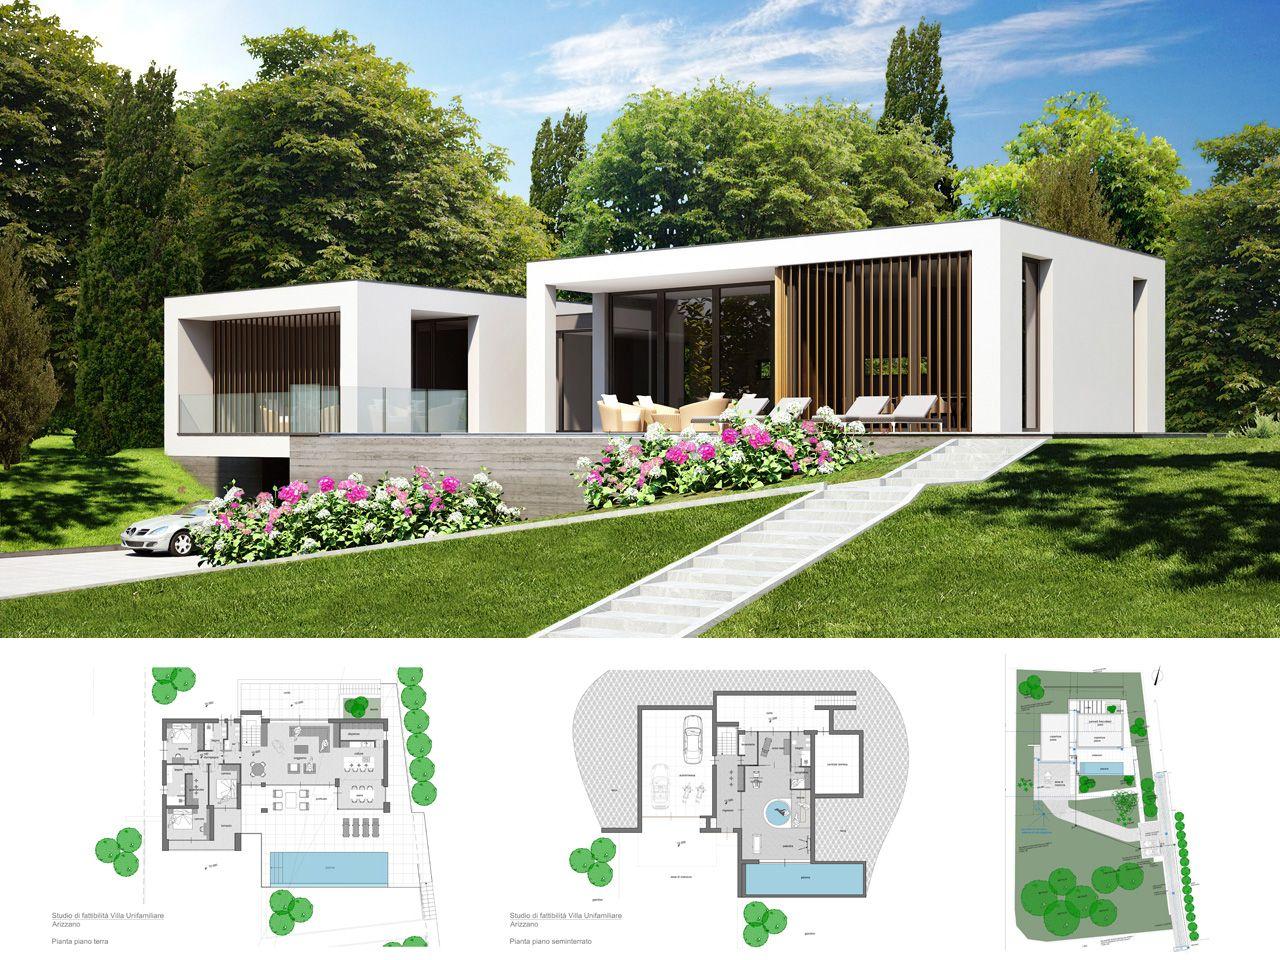 Oneri In Caso Di Piano Casa Piemonte  bekasi 2022